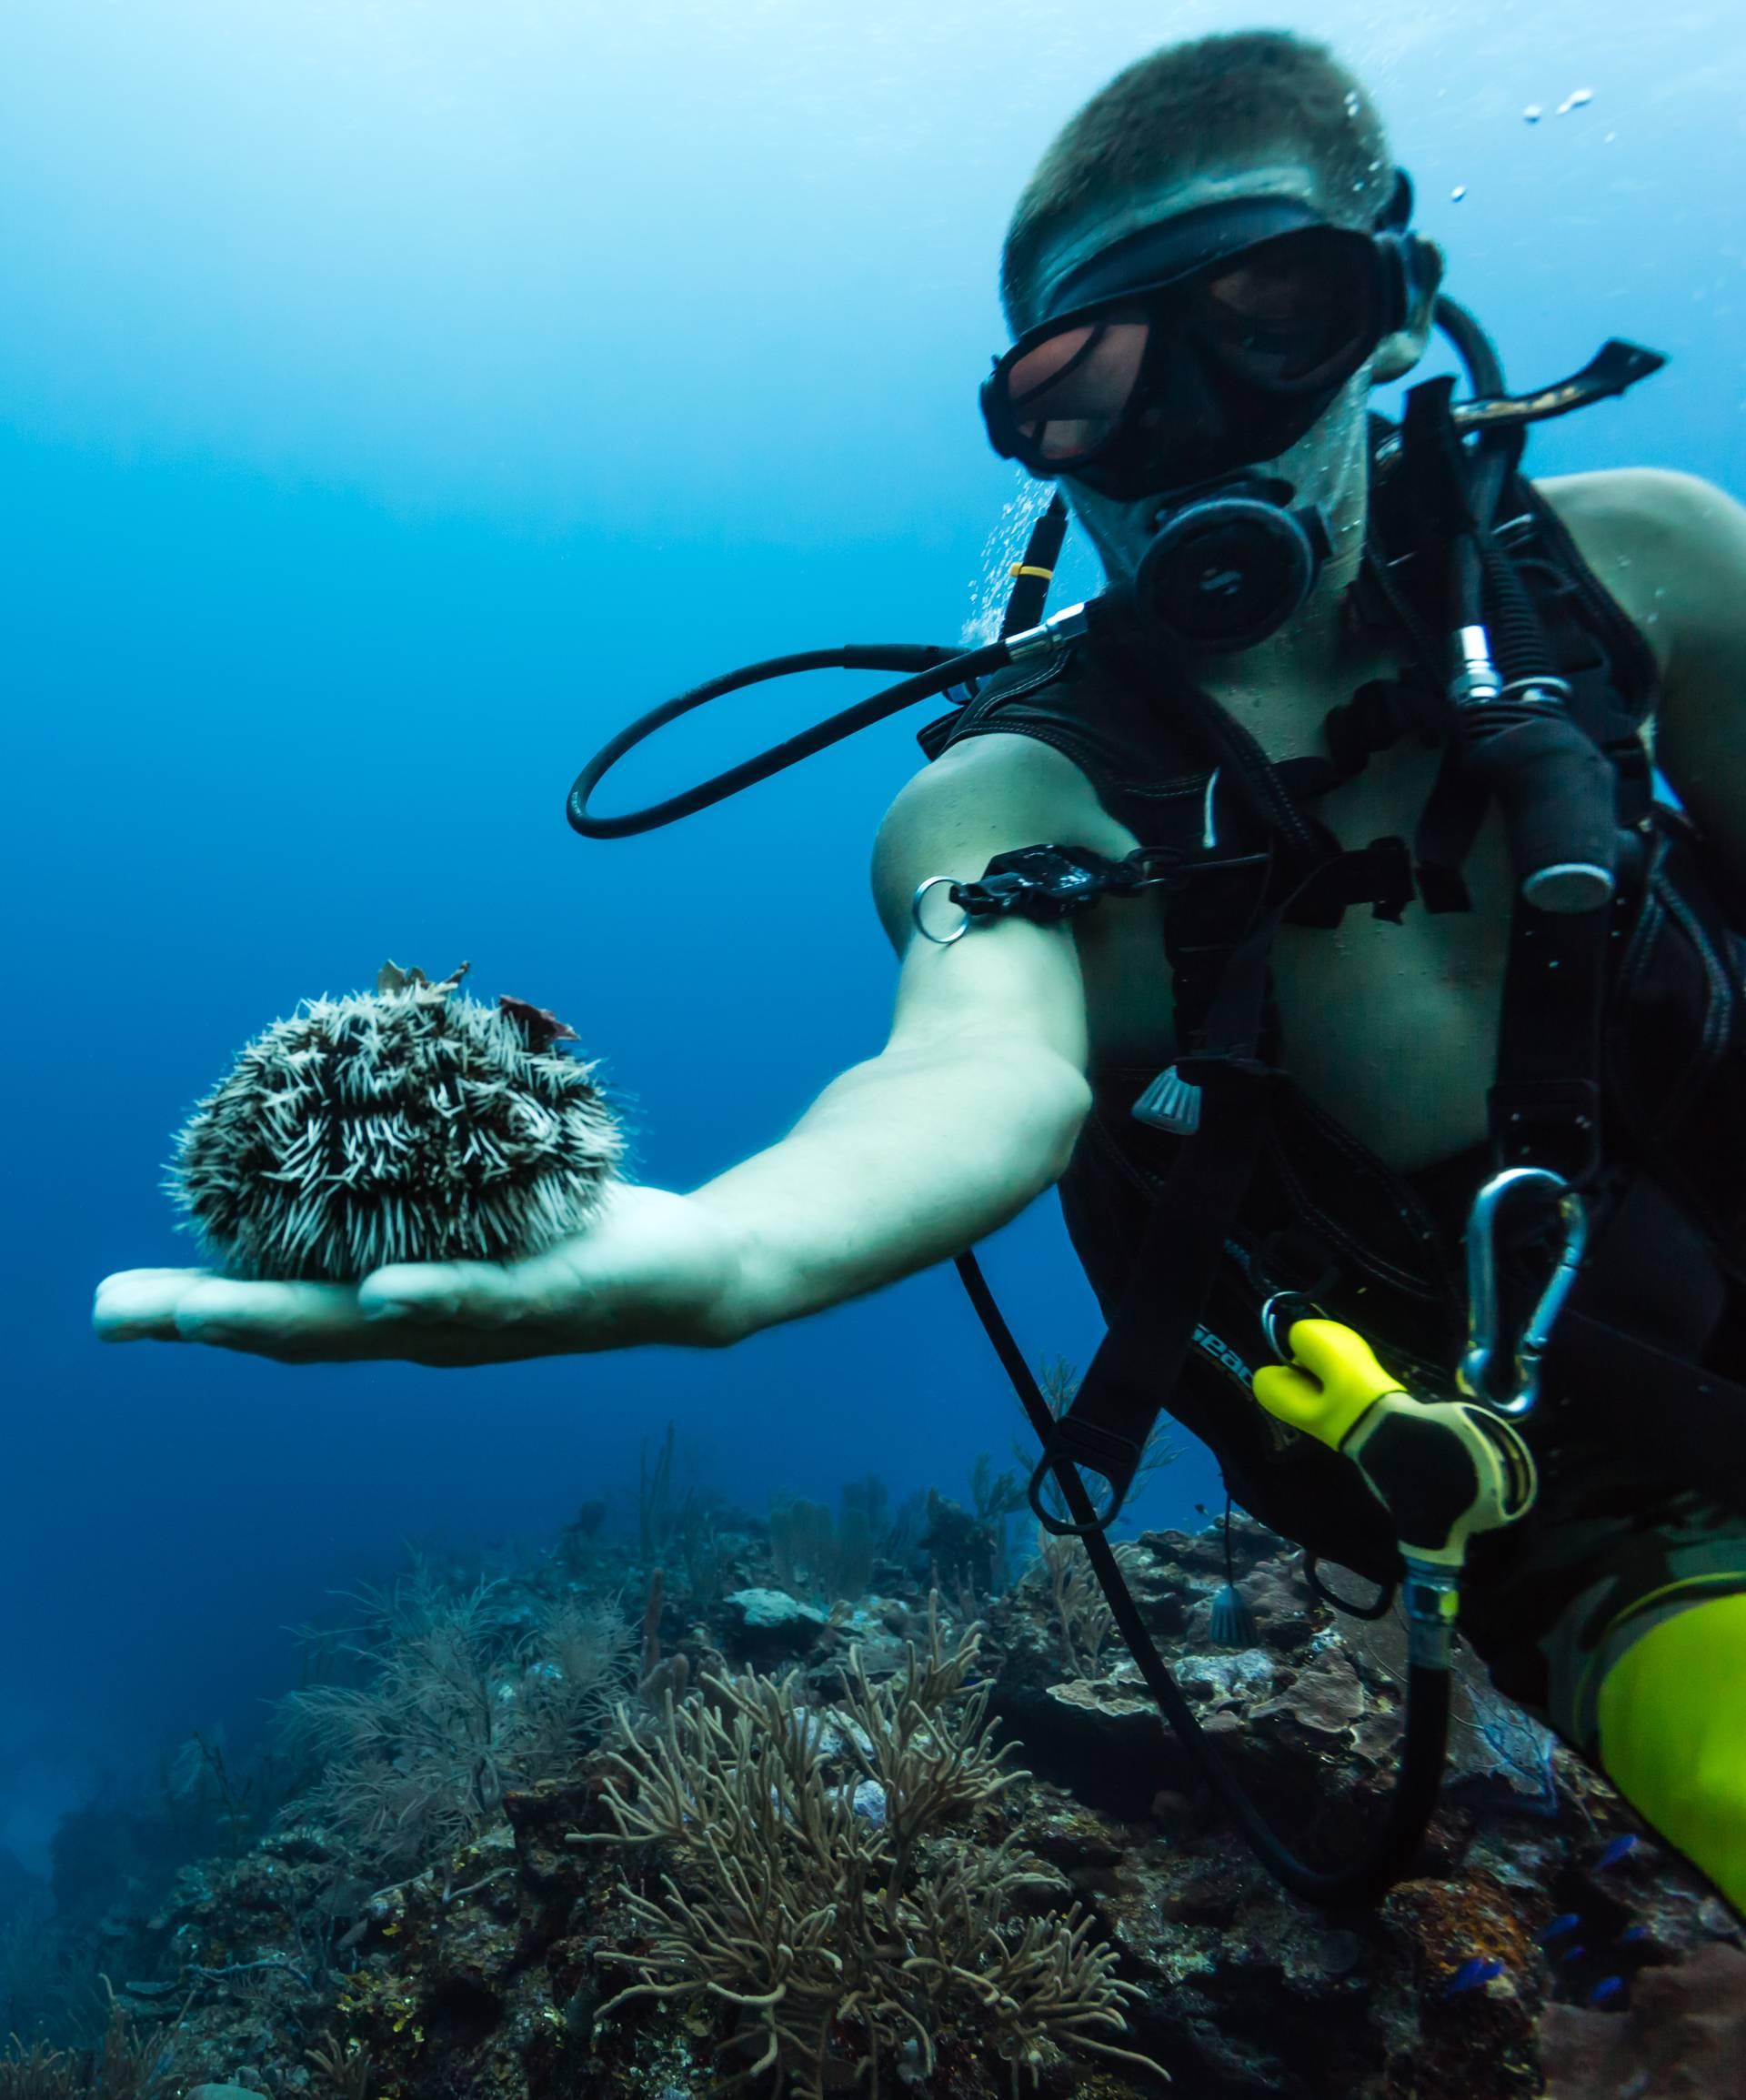 Prva pomoć za ljetne ozljede: Ocat ispire opekline od meduze